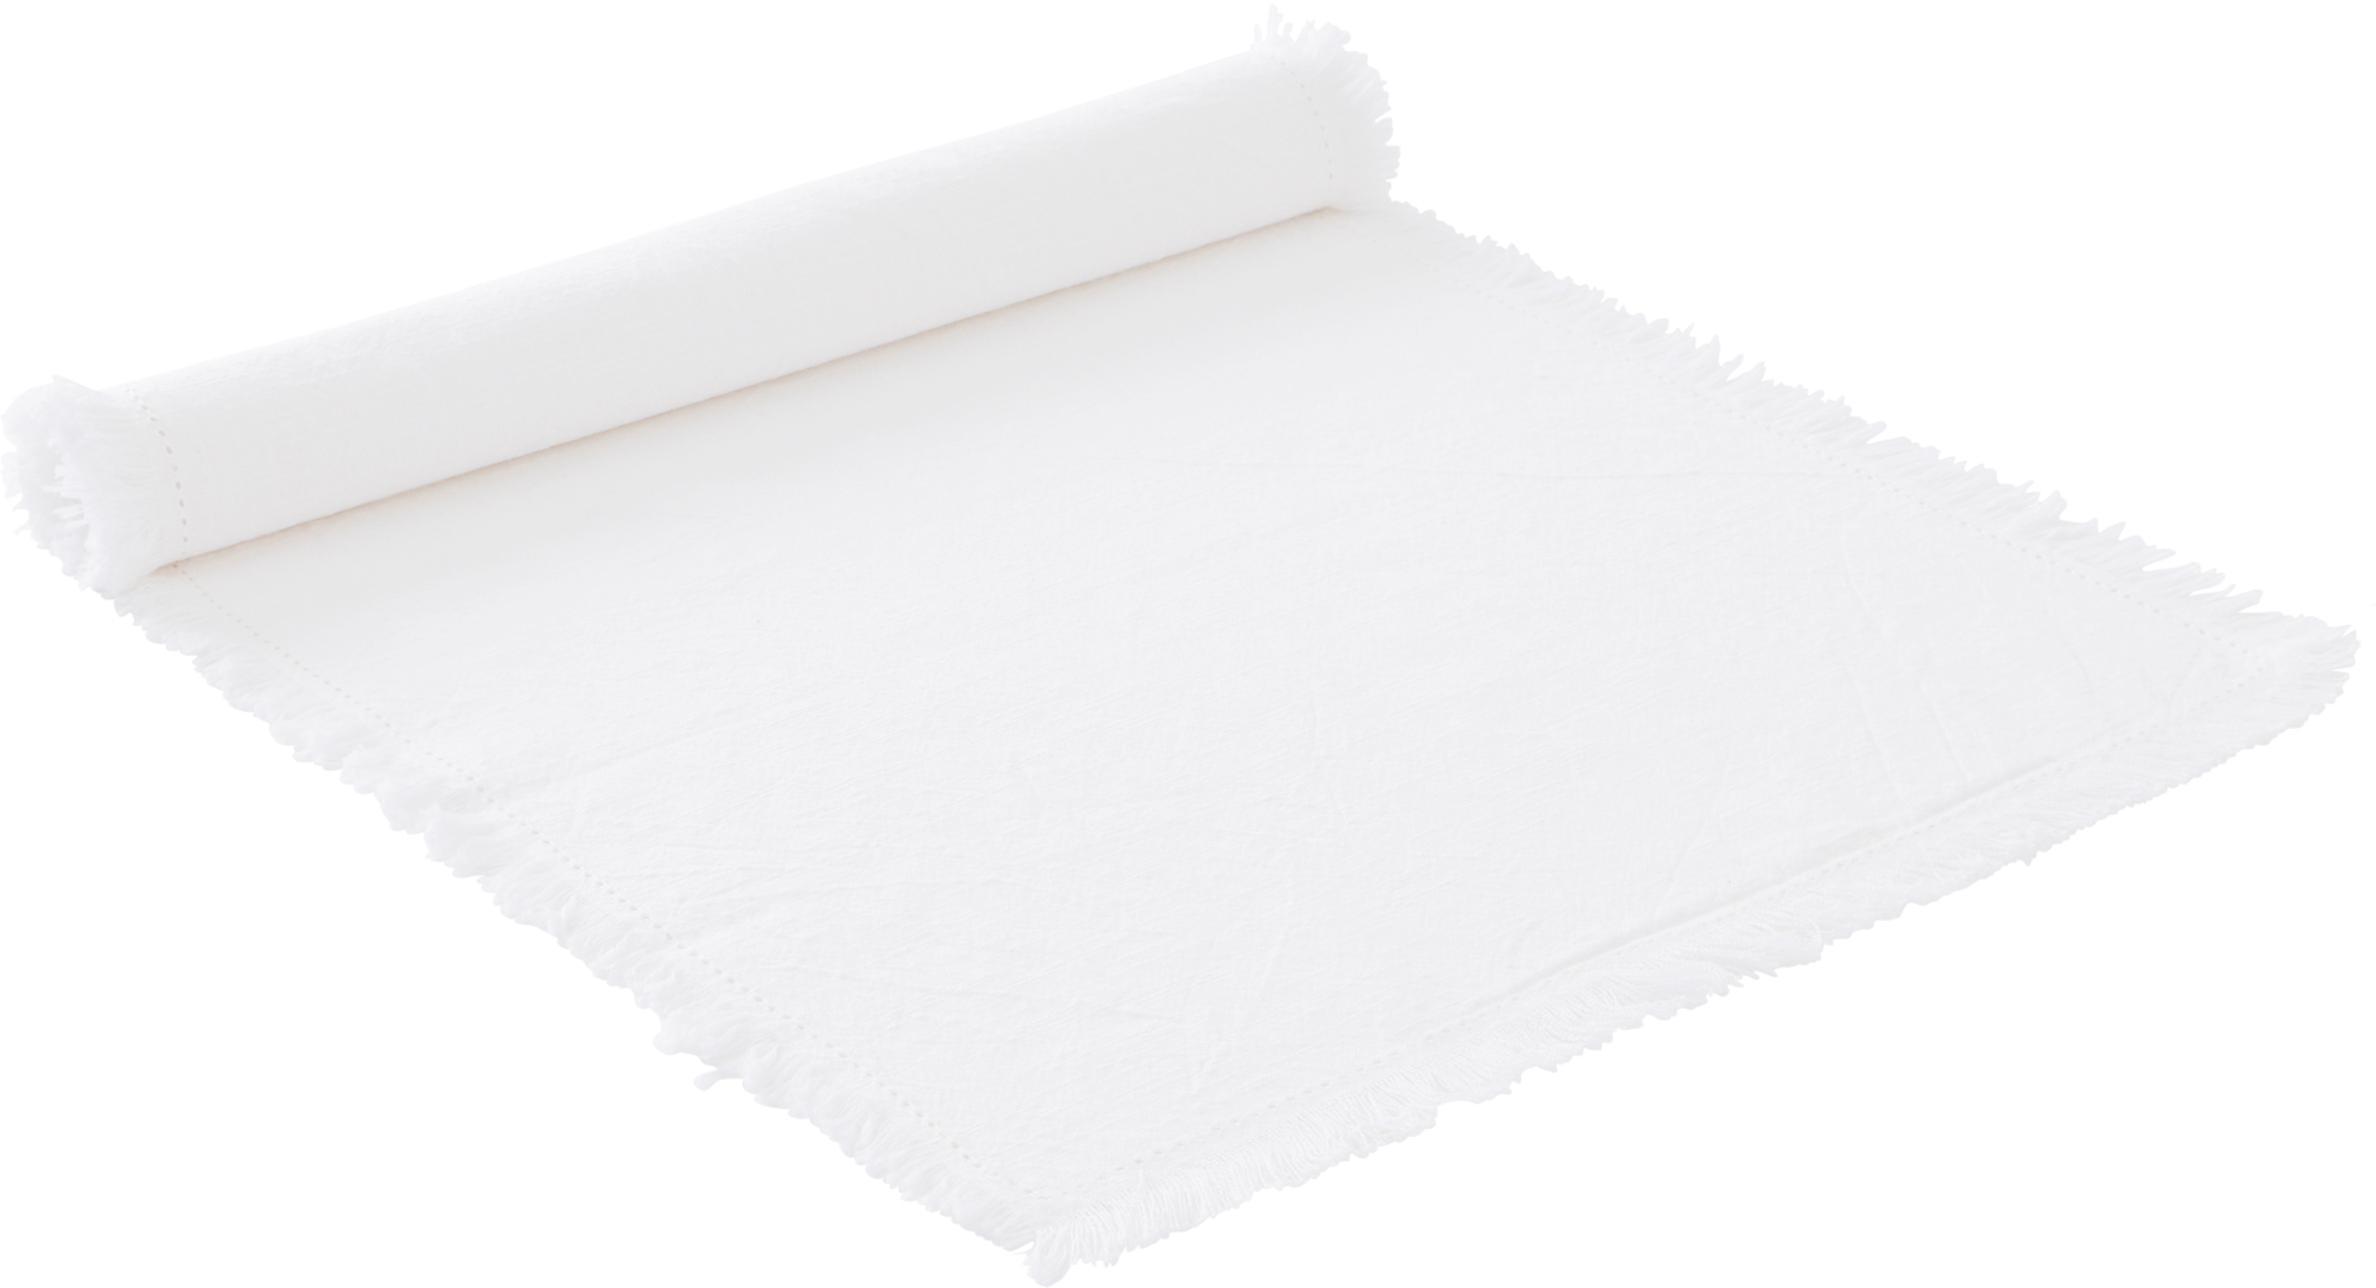 Tischläufer Hilma, 100% Baumwolle, Weiß, 40 x 140 cm